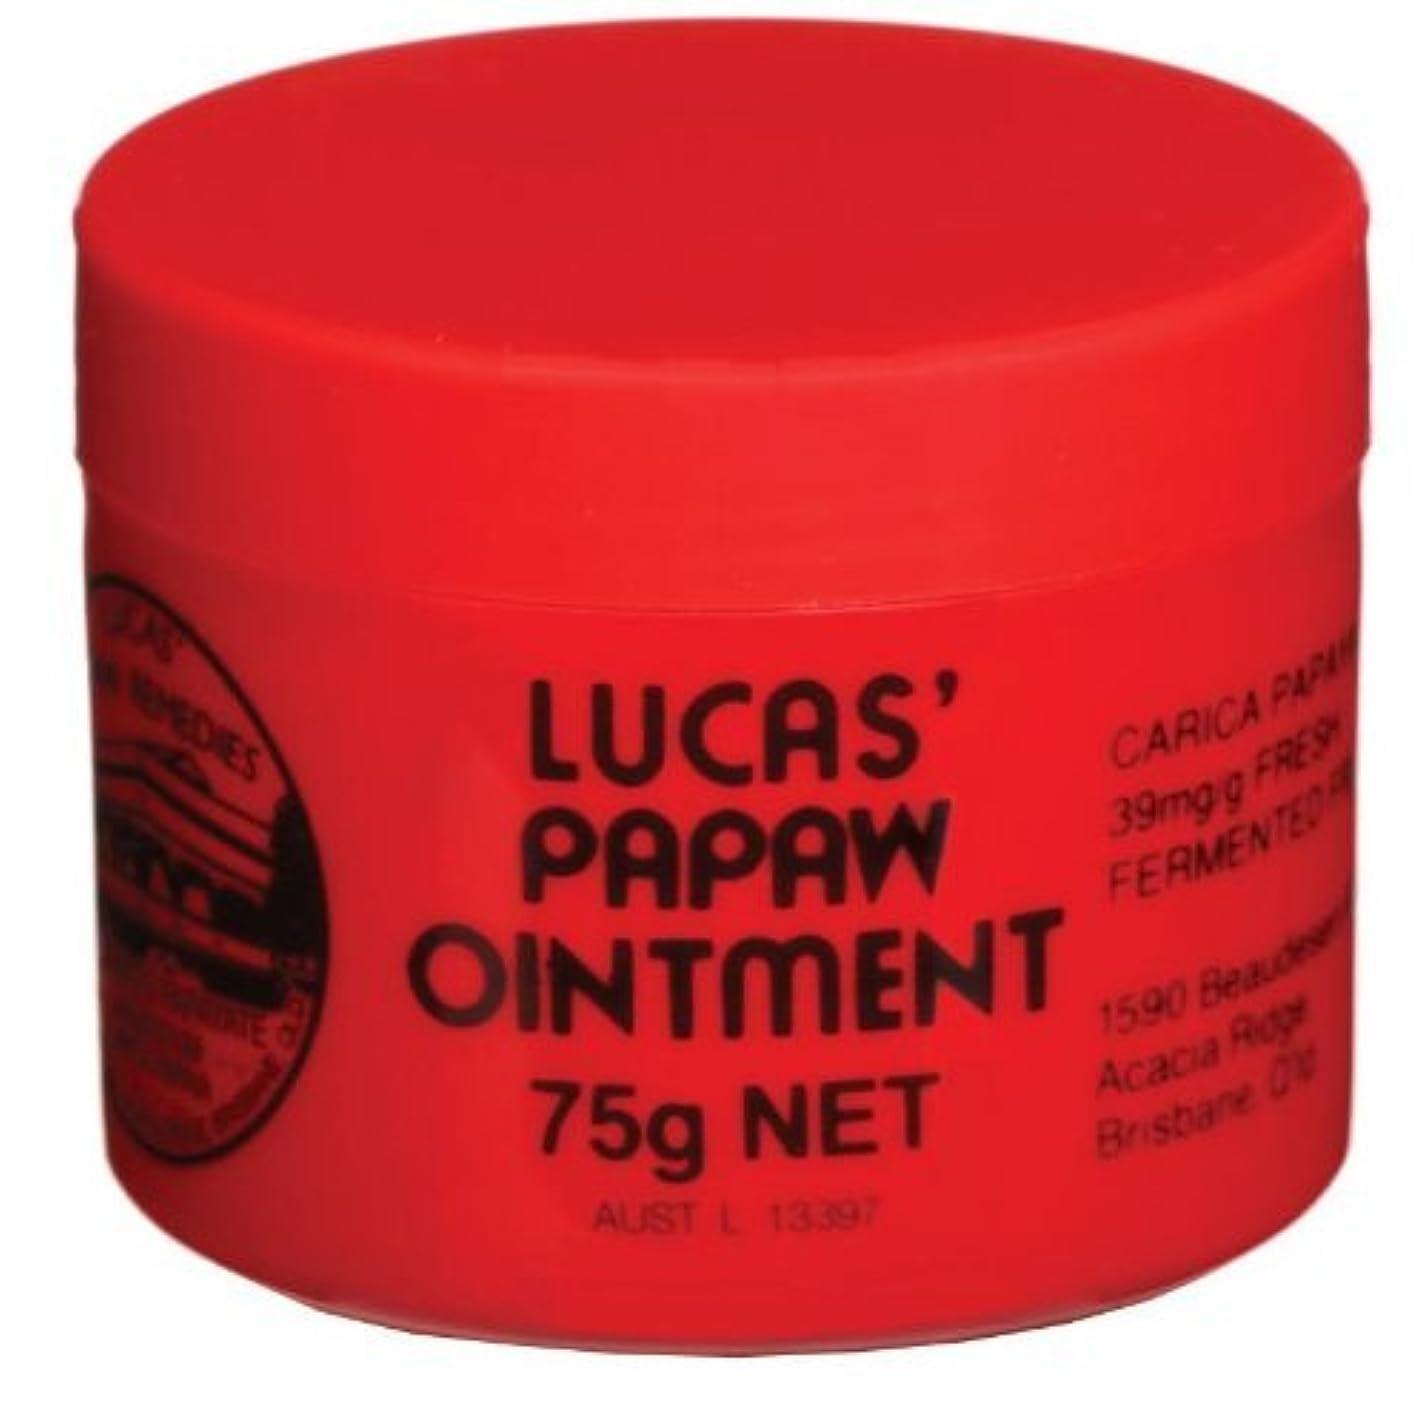 投げ捨てるアイロニーセンター[Lucas' Papaw Ointment] ルーカスポーポークリーム 75g